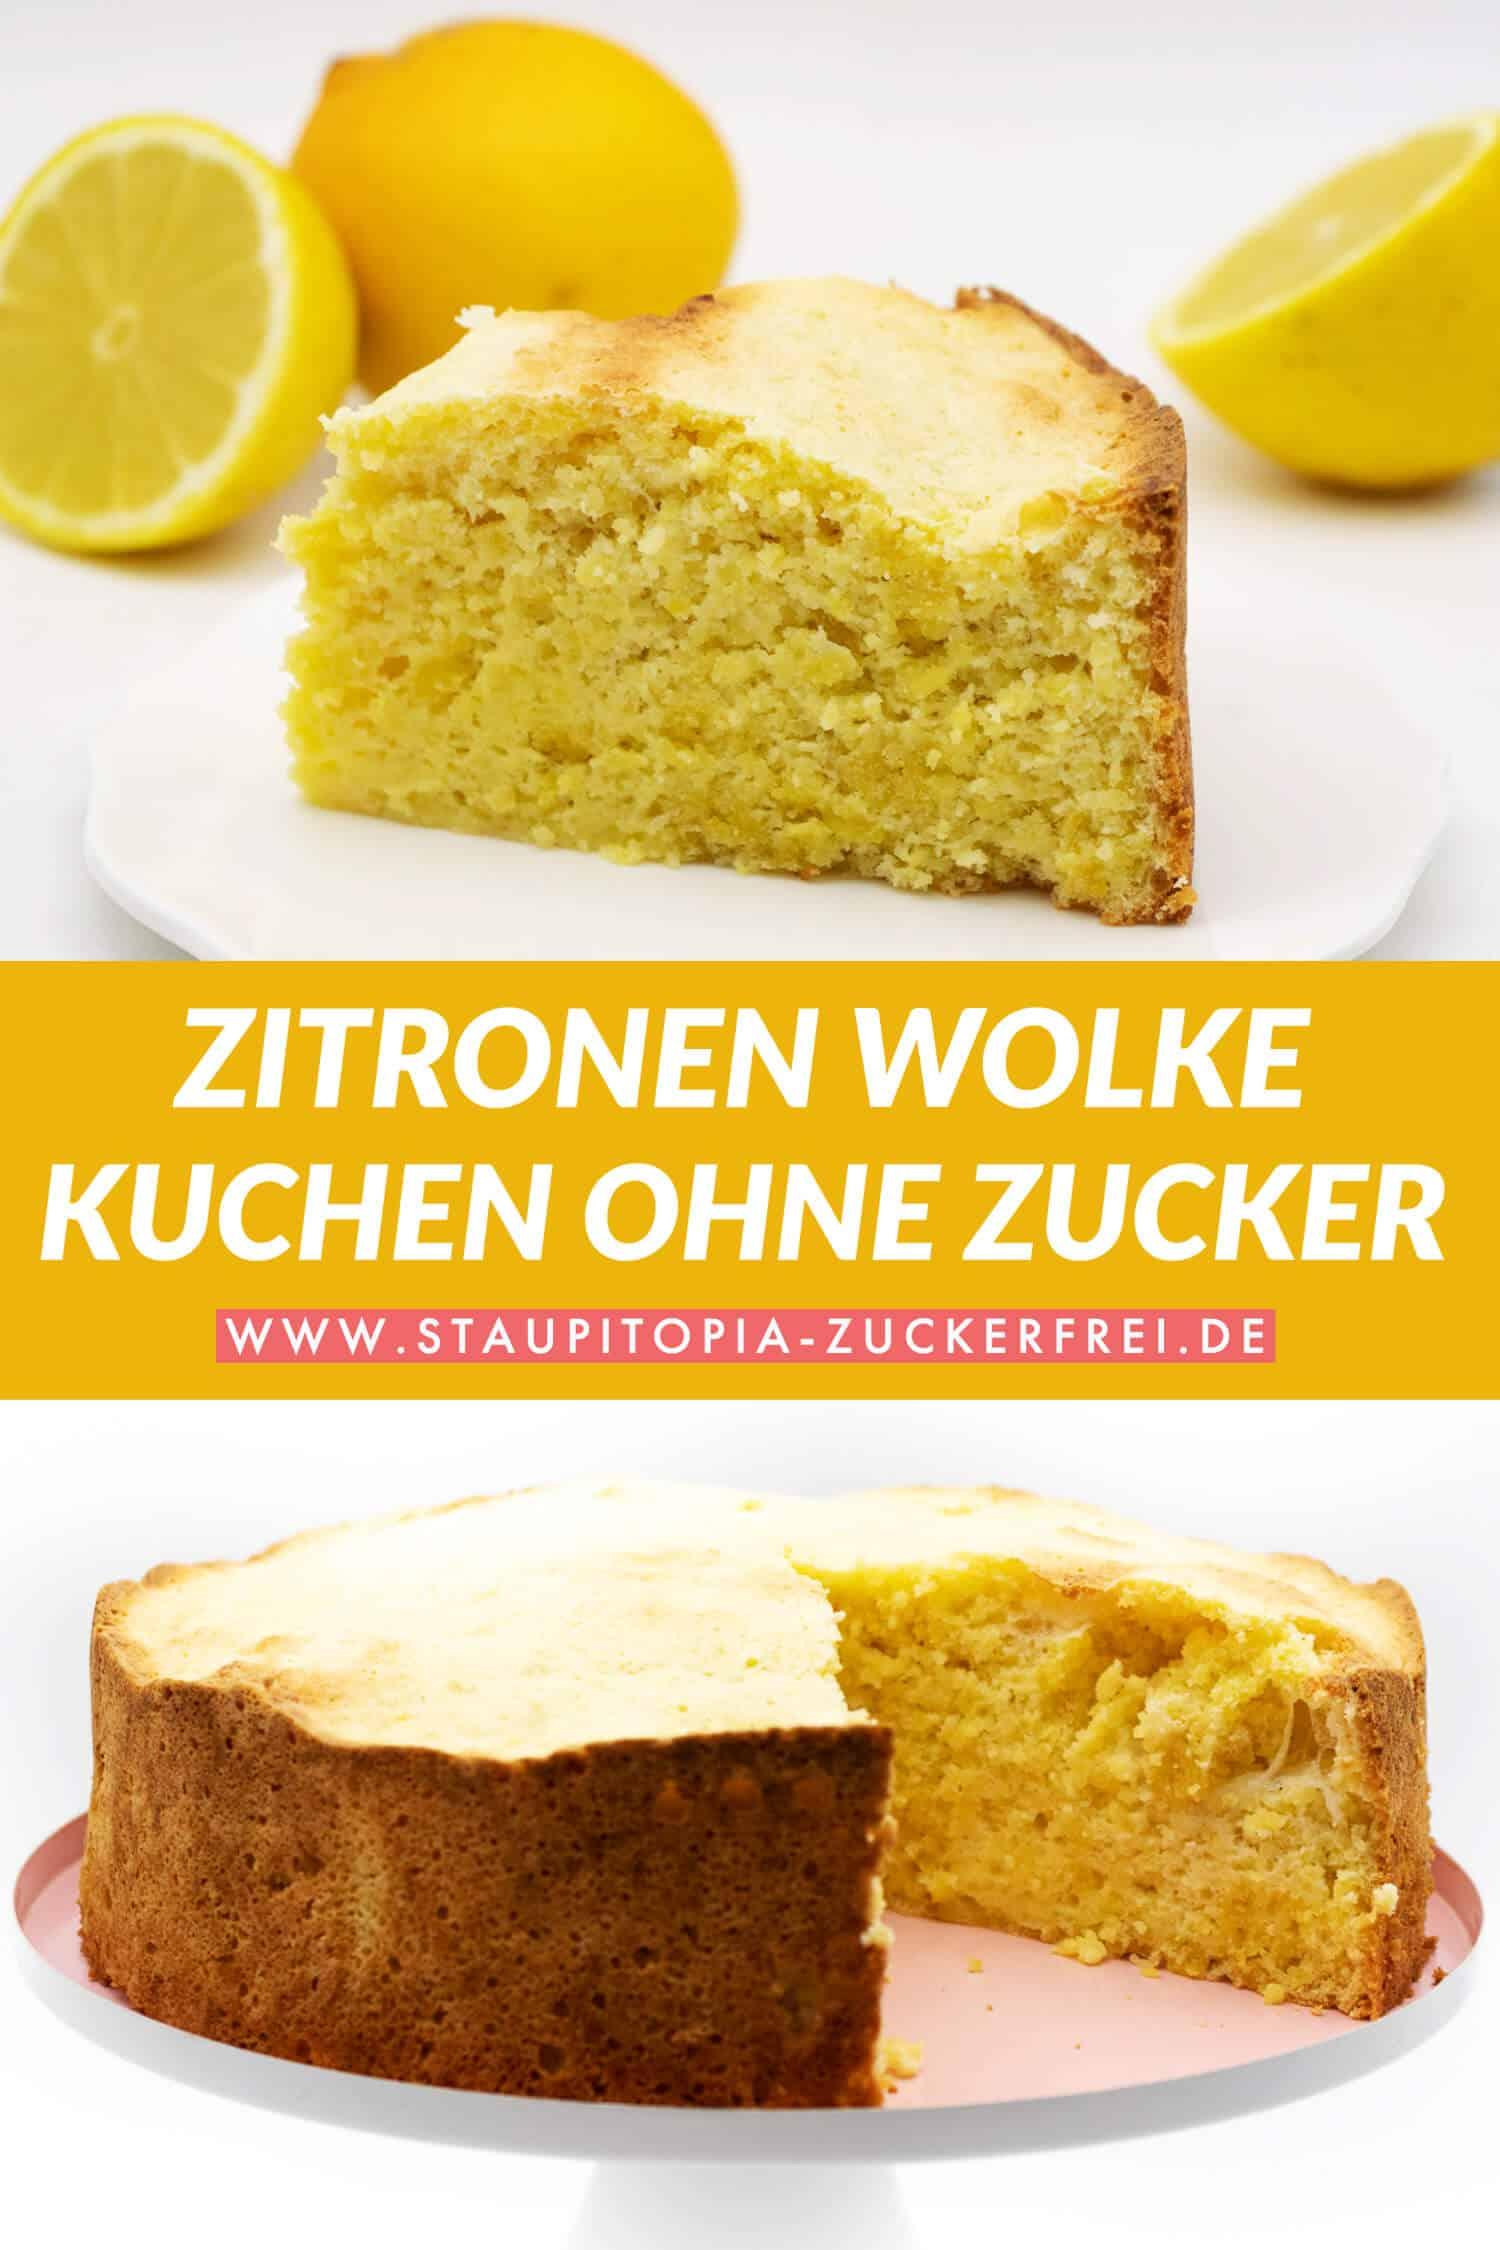 Zitronen Wolke Kuchen selber machen ohne Zucker